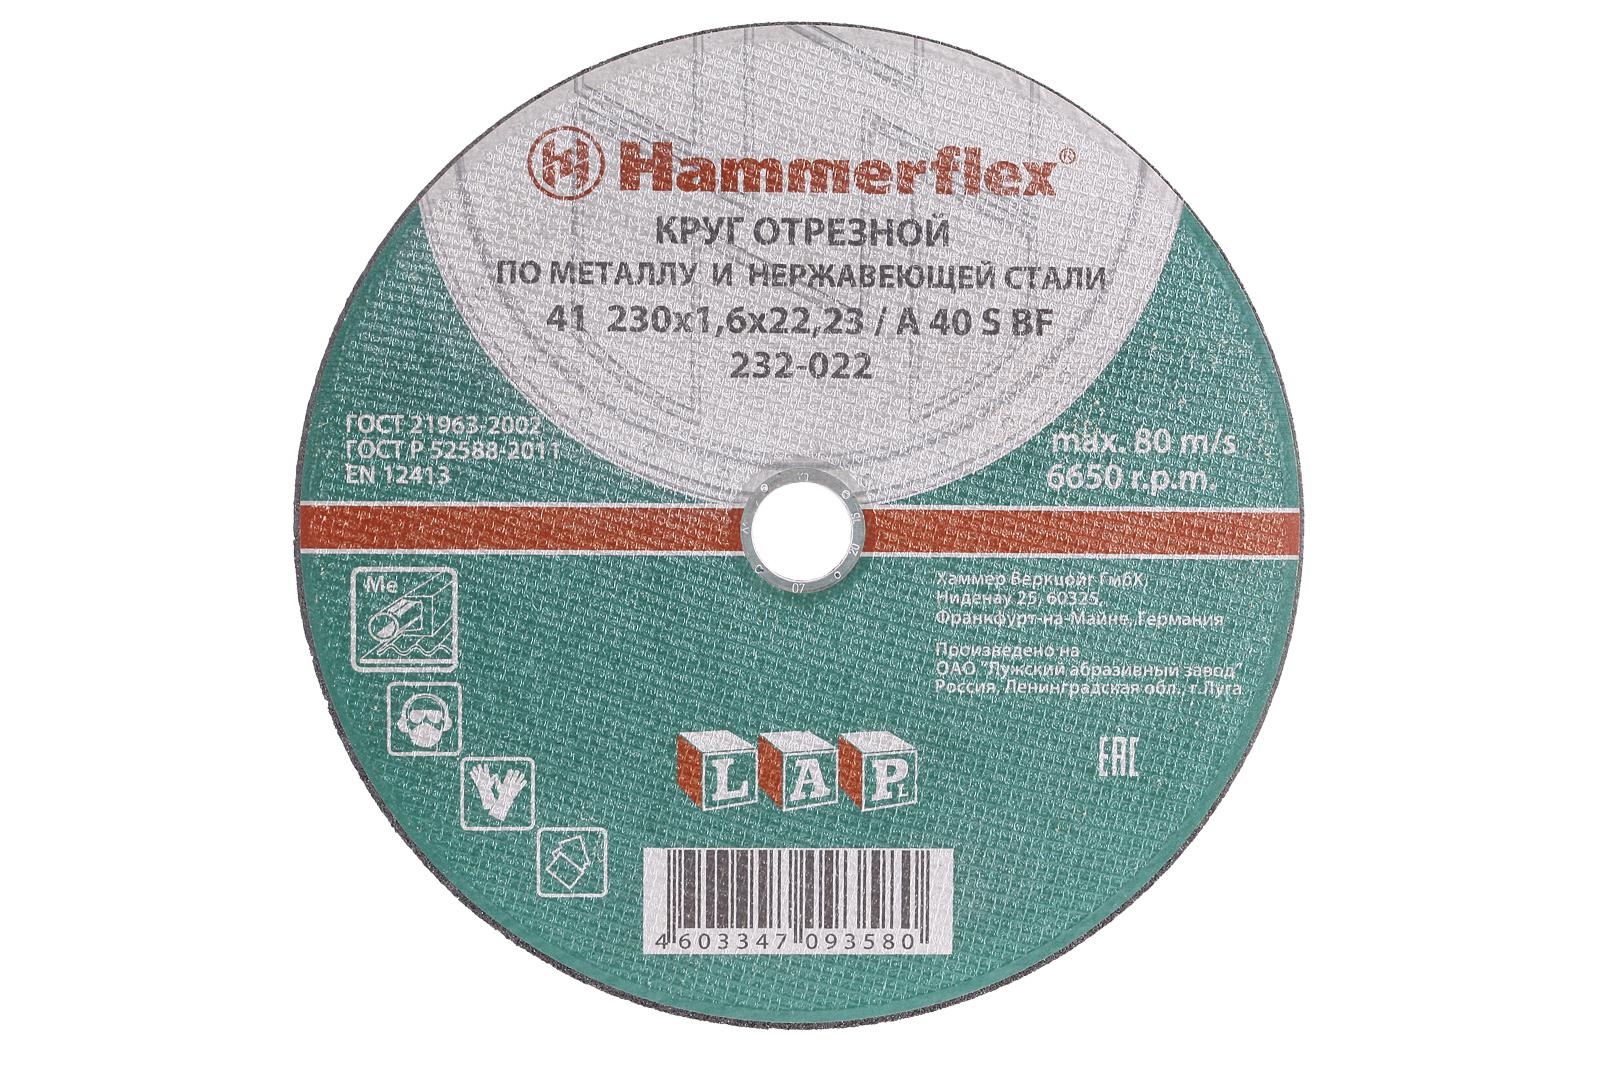 Круг отрезной Hammer Flex 230 x 1.6 x 22 по металлу и нержавеющей стали 25шт круг отрезной hammer flex 115 x 1 6 x 22 по металлу и нержавеющей стали 25шт